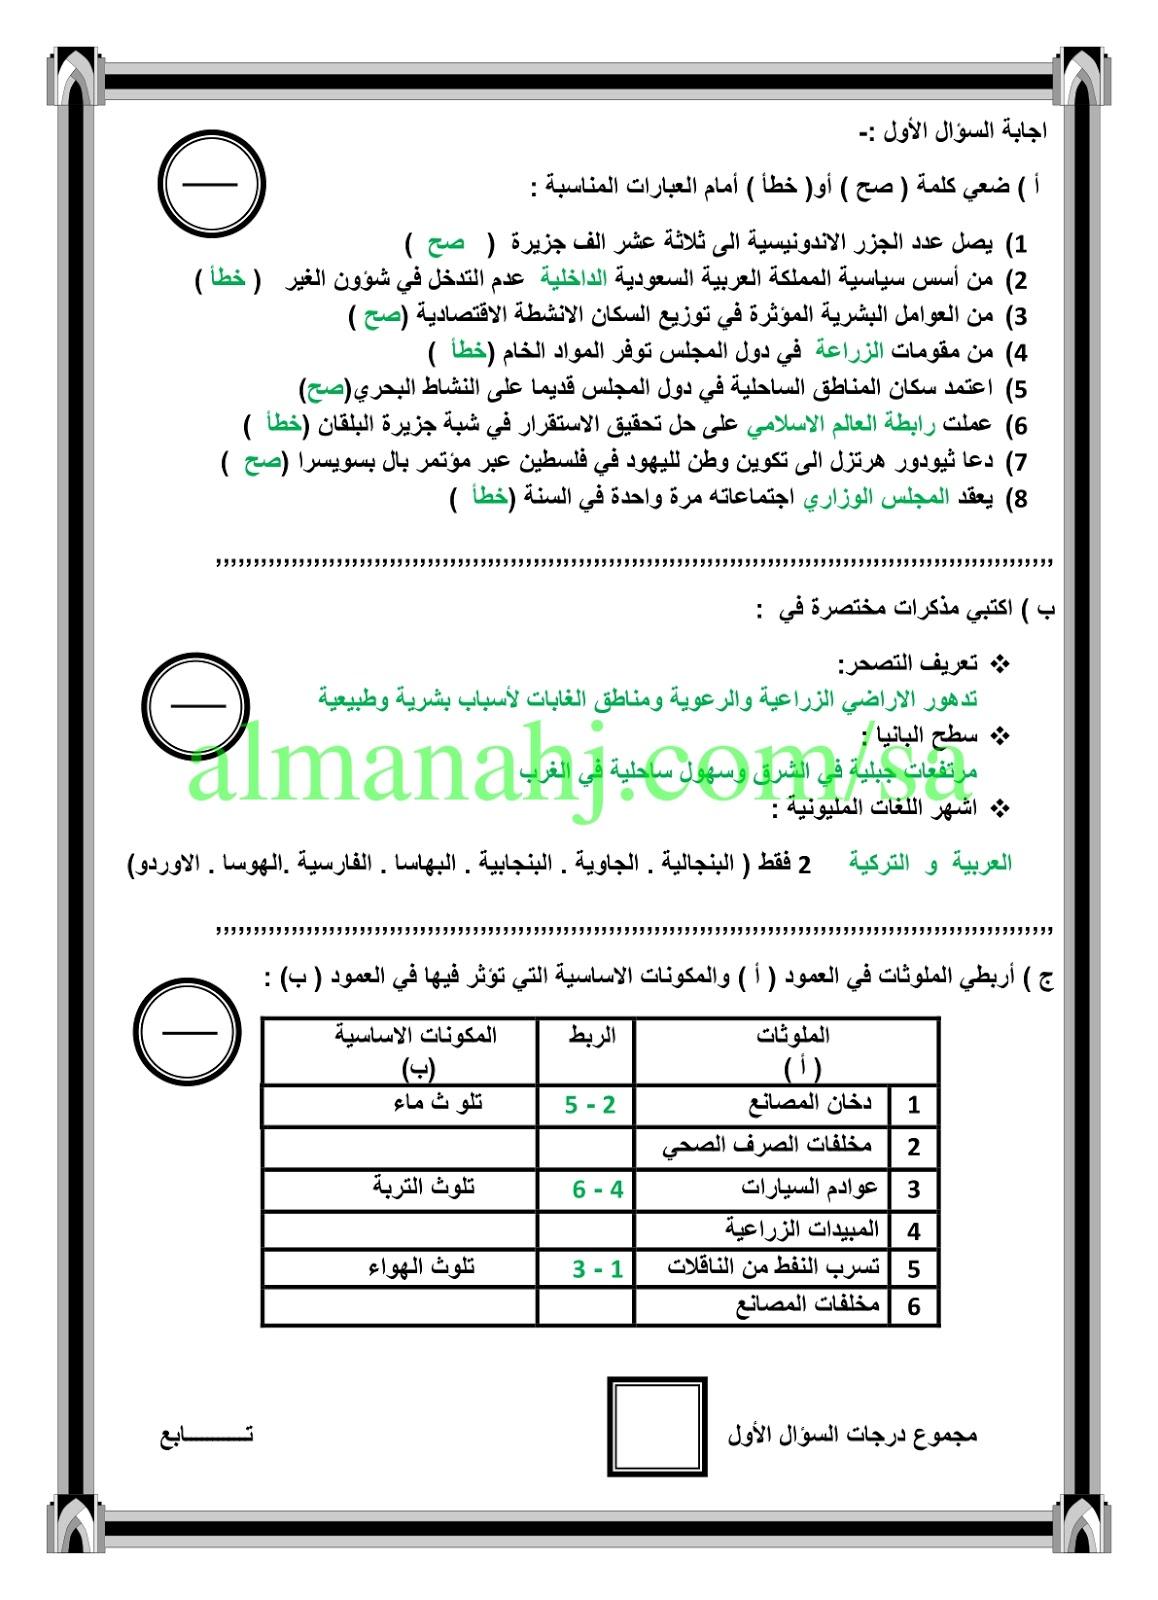 اسئلة اختبار نهائي مع نموذج الحل الصف الثاني المتوسط اجتماعيات الفصل الثاني المناهج السعودية